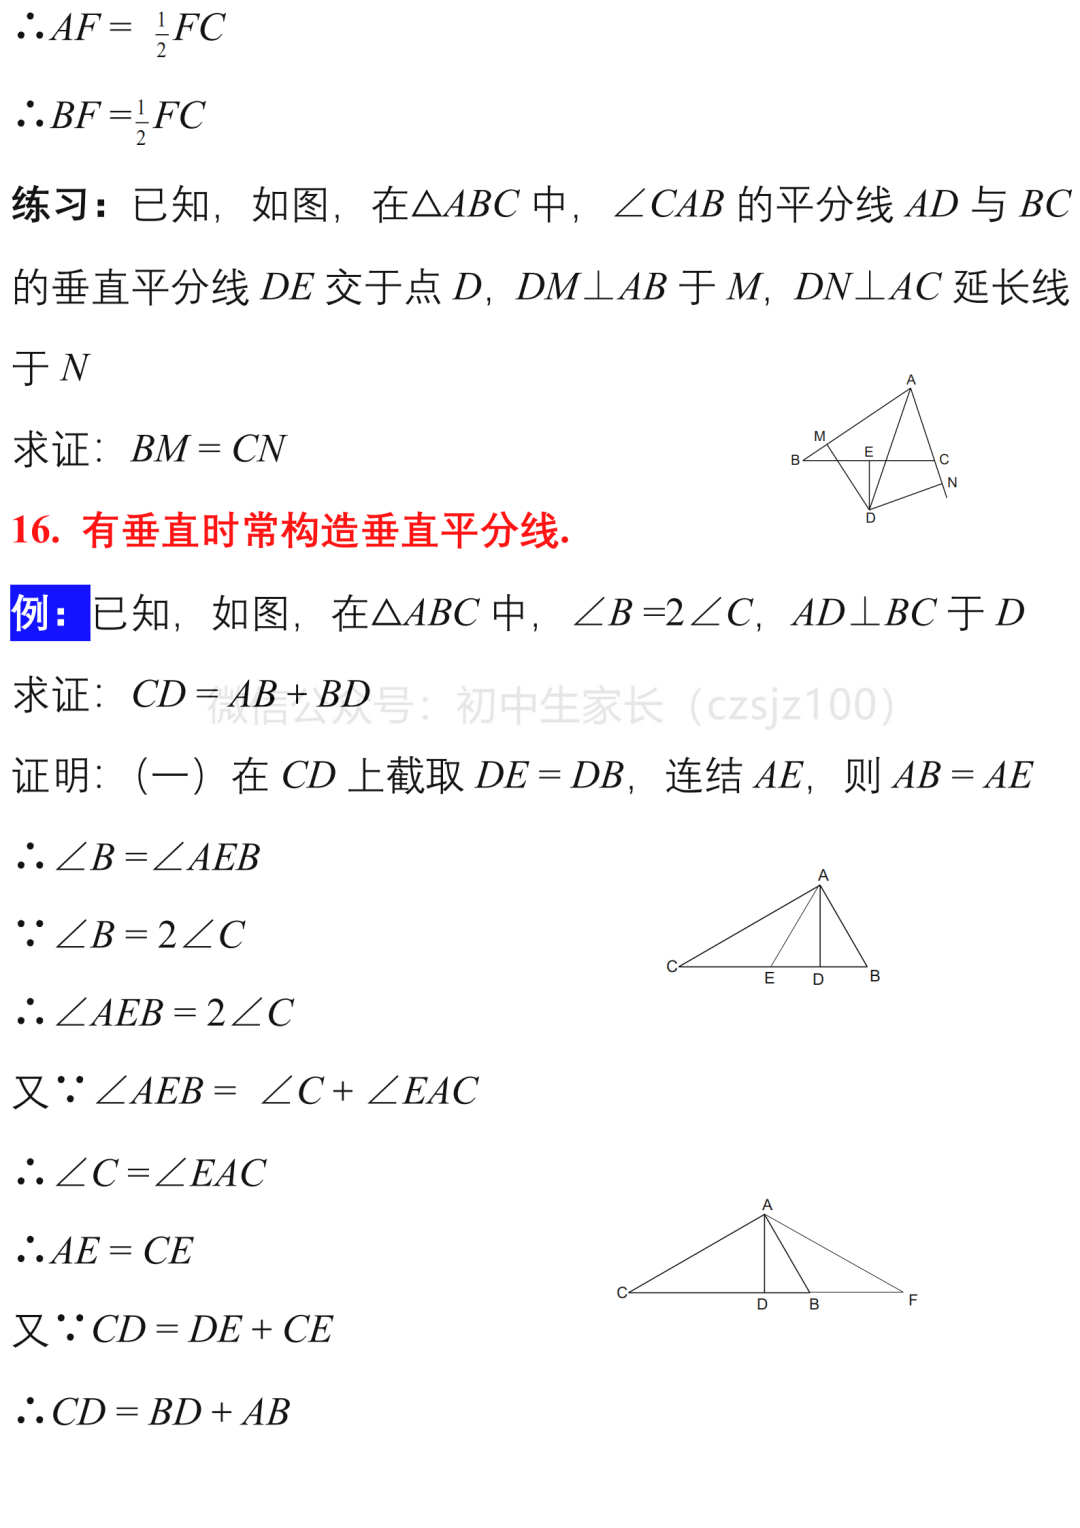 初中数学:中点的辅助线模型归纳汇总  初二数学辅助线题大全